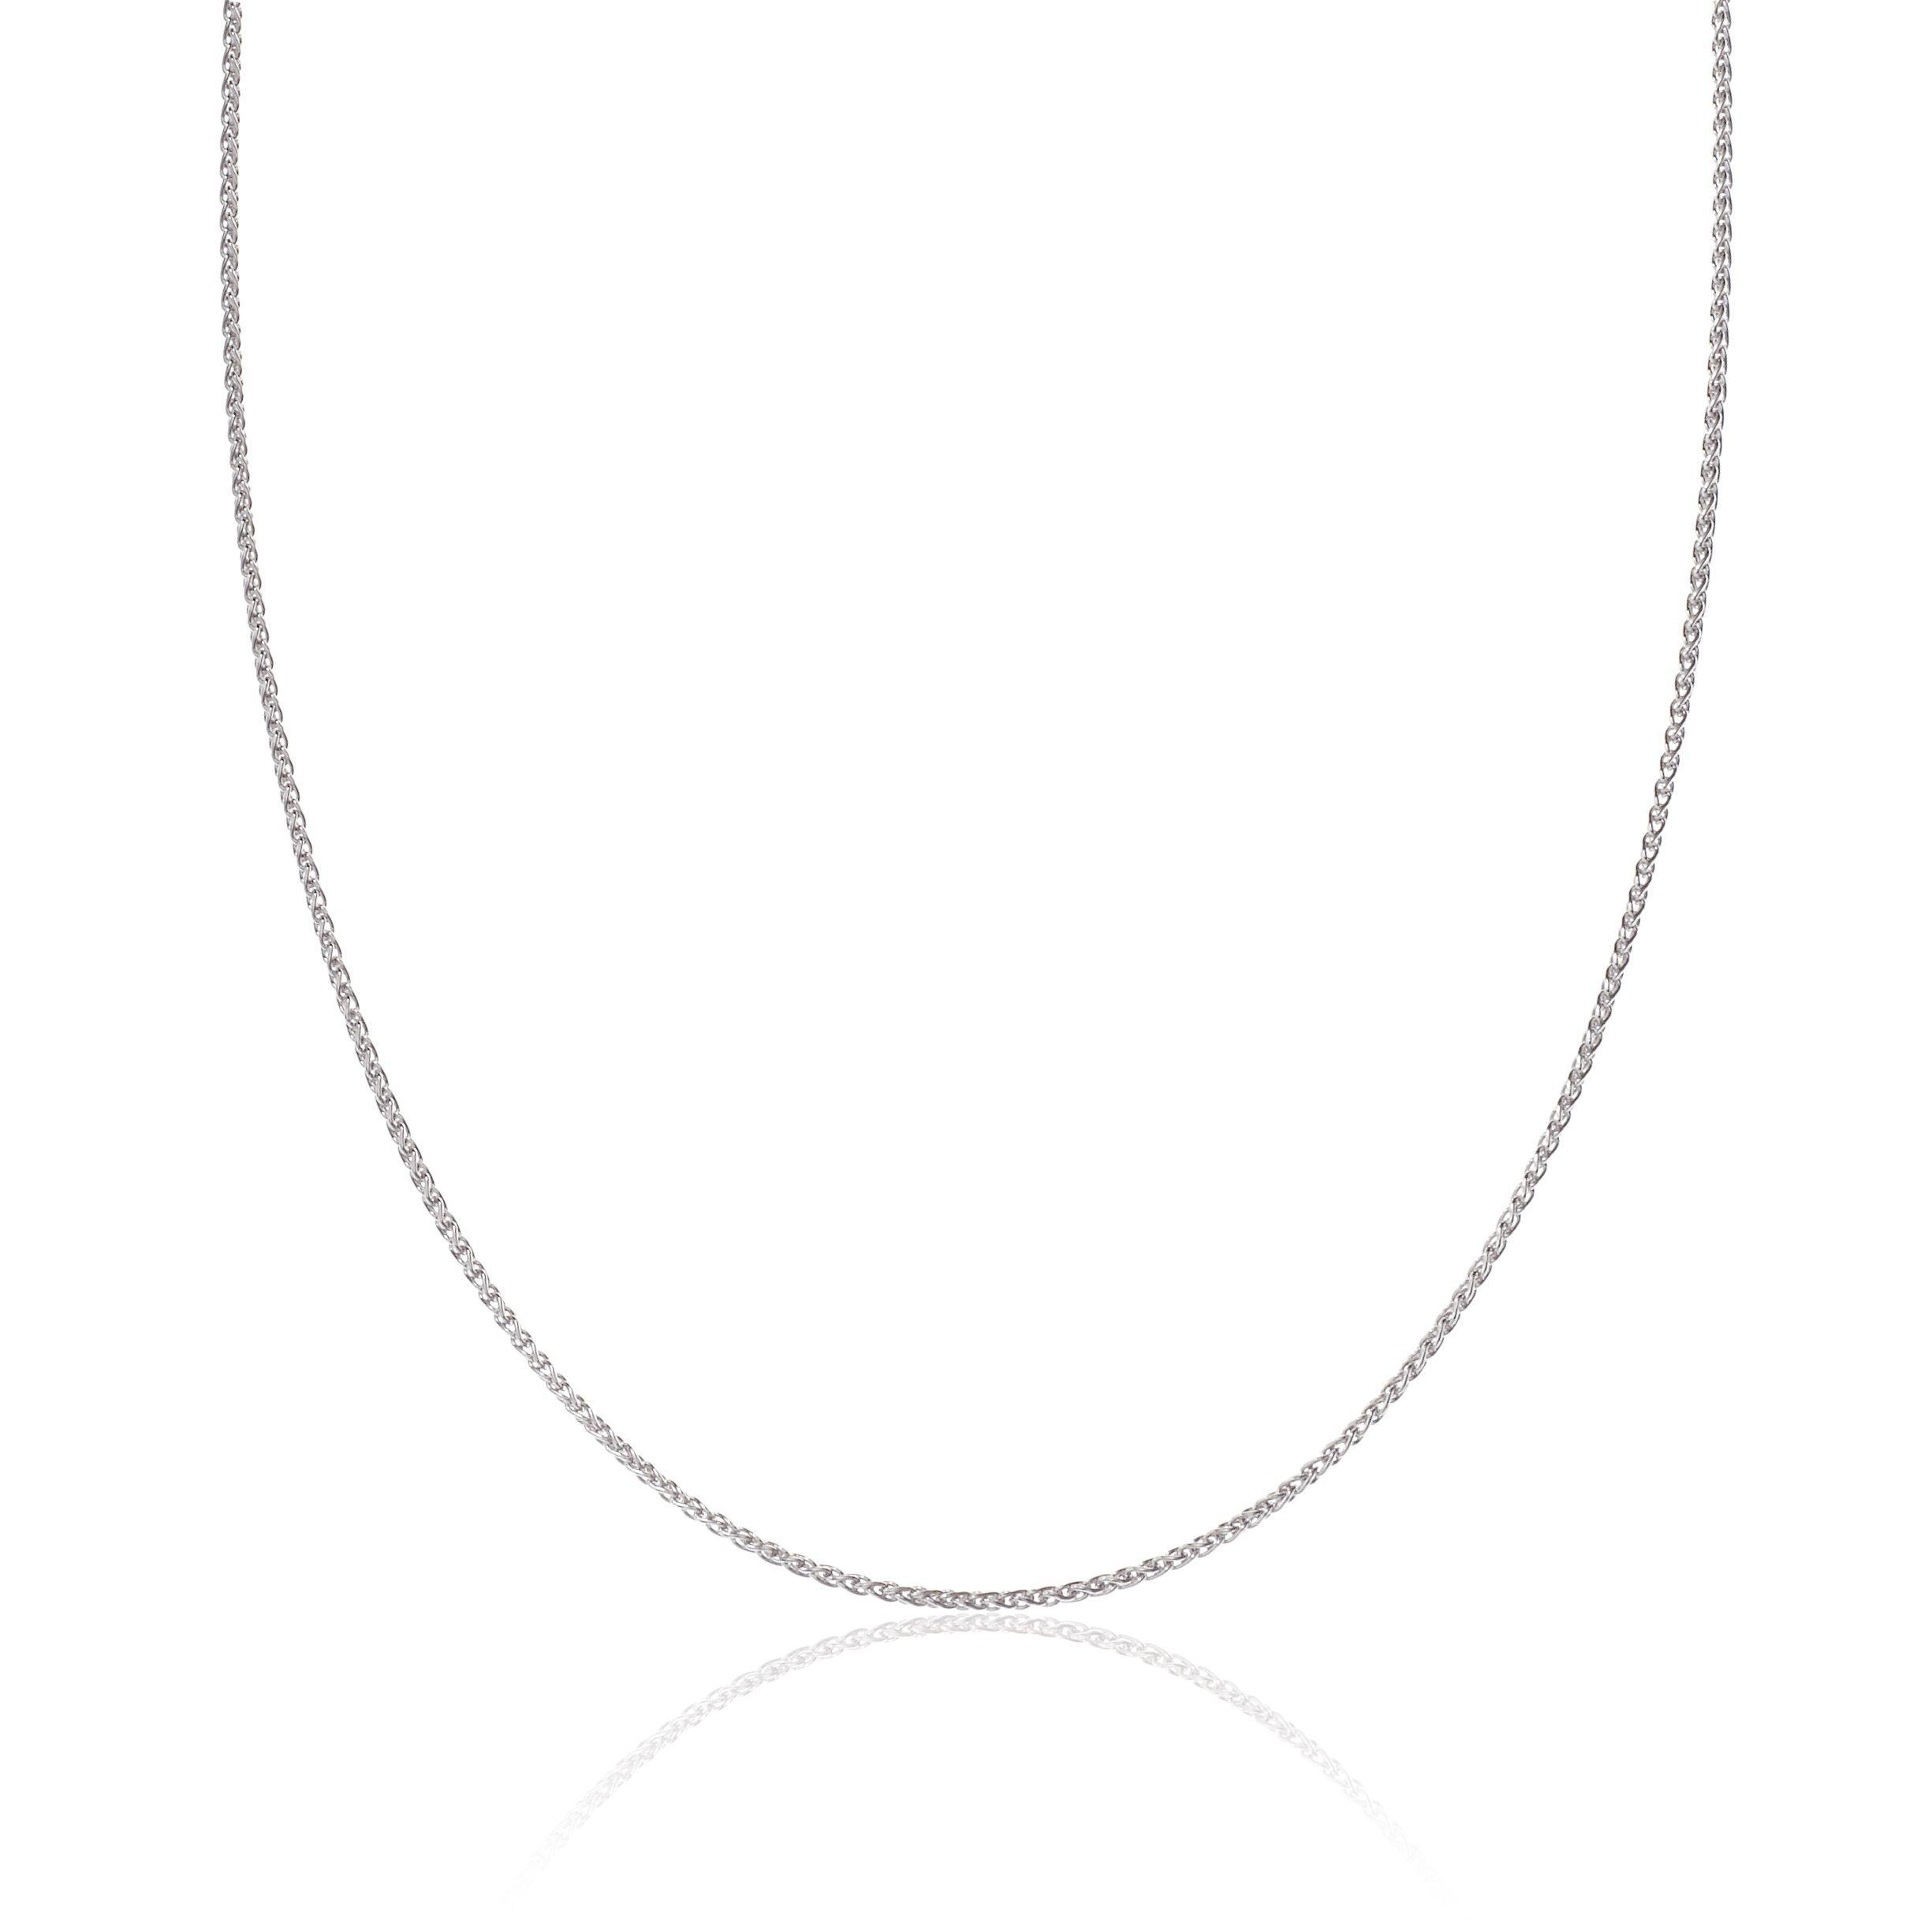 9ct White Gold Spiga Chains